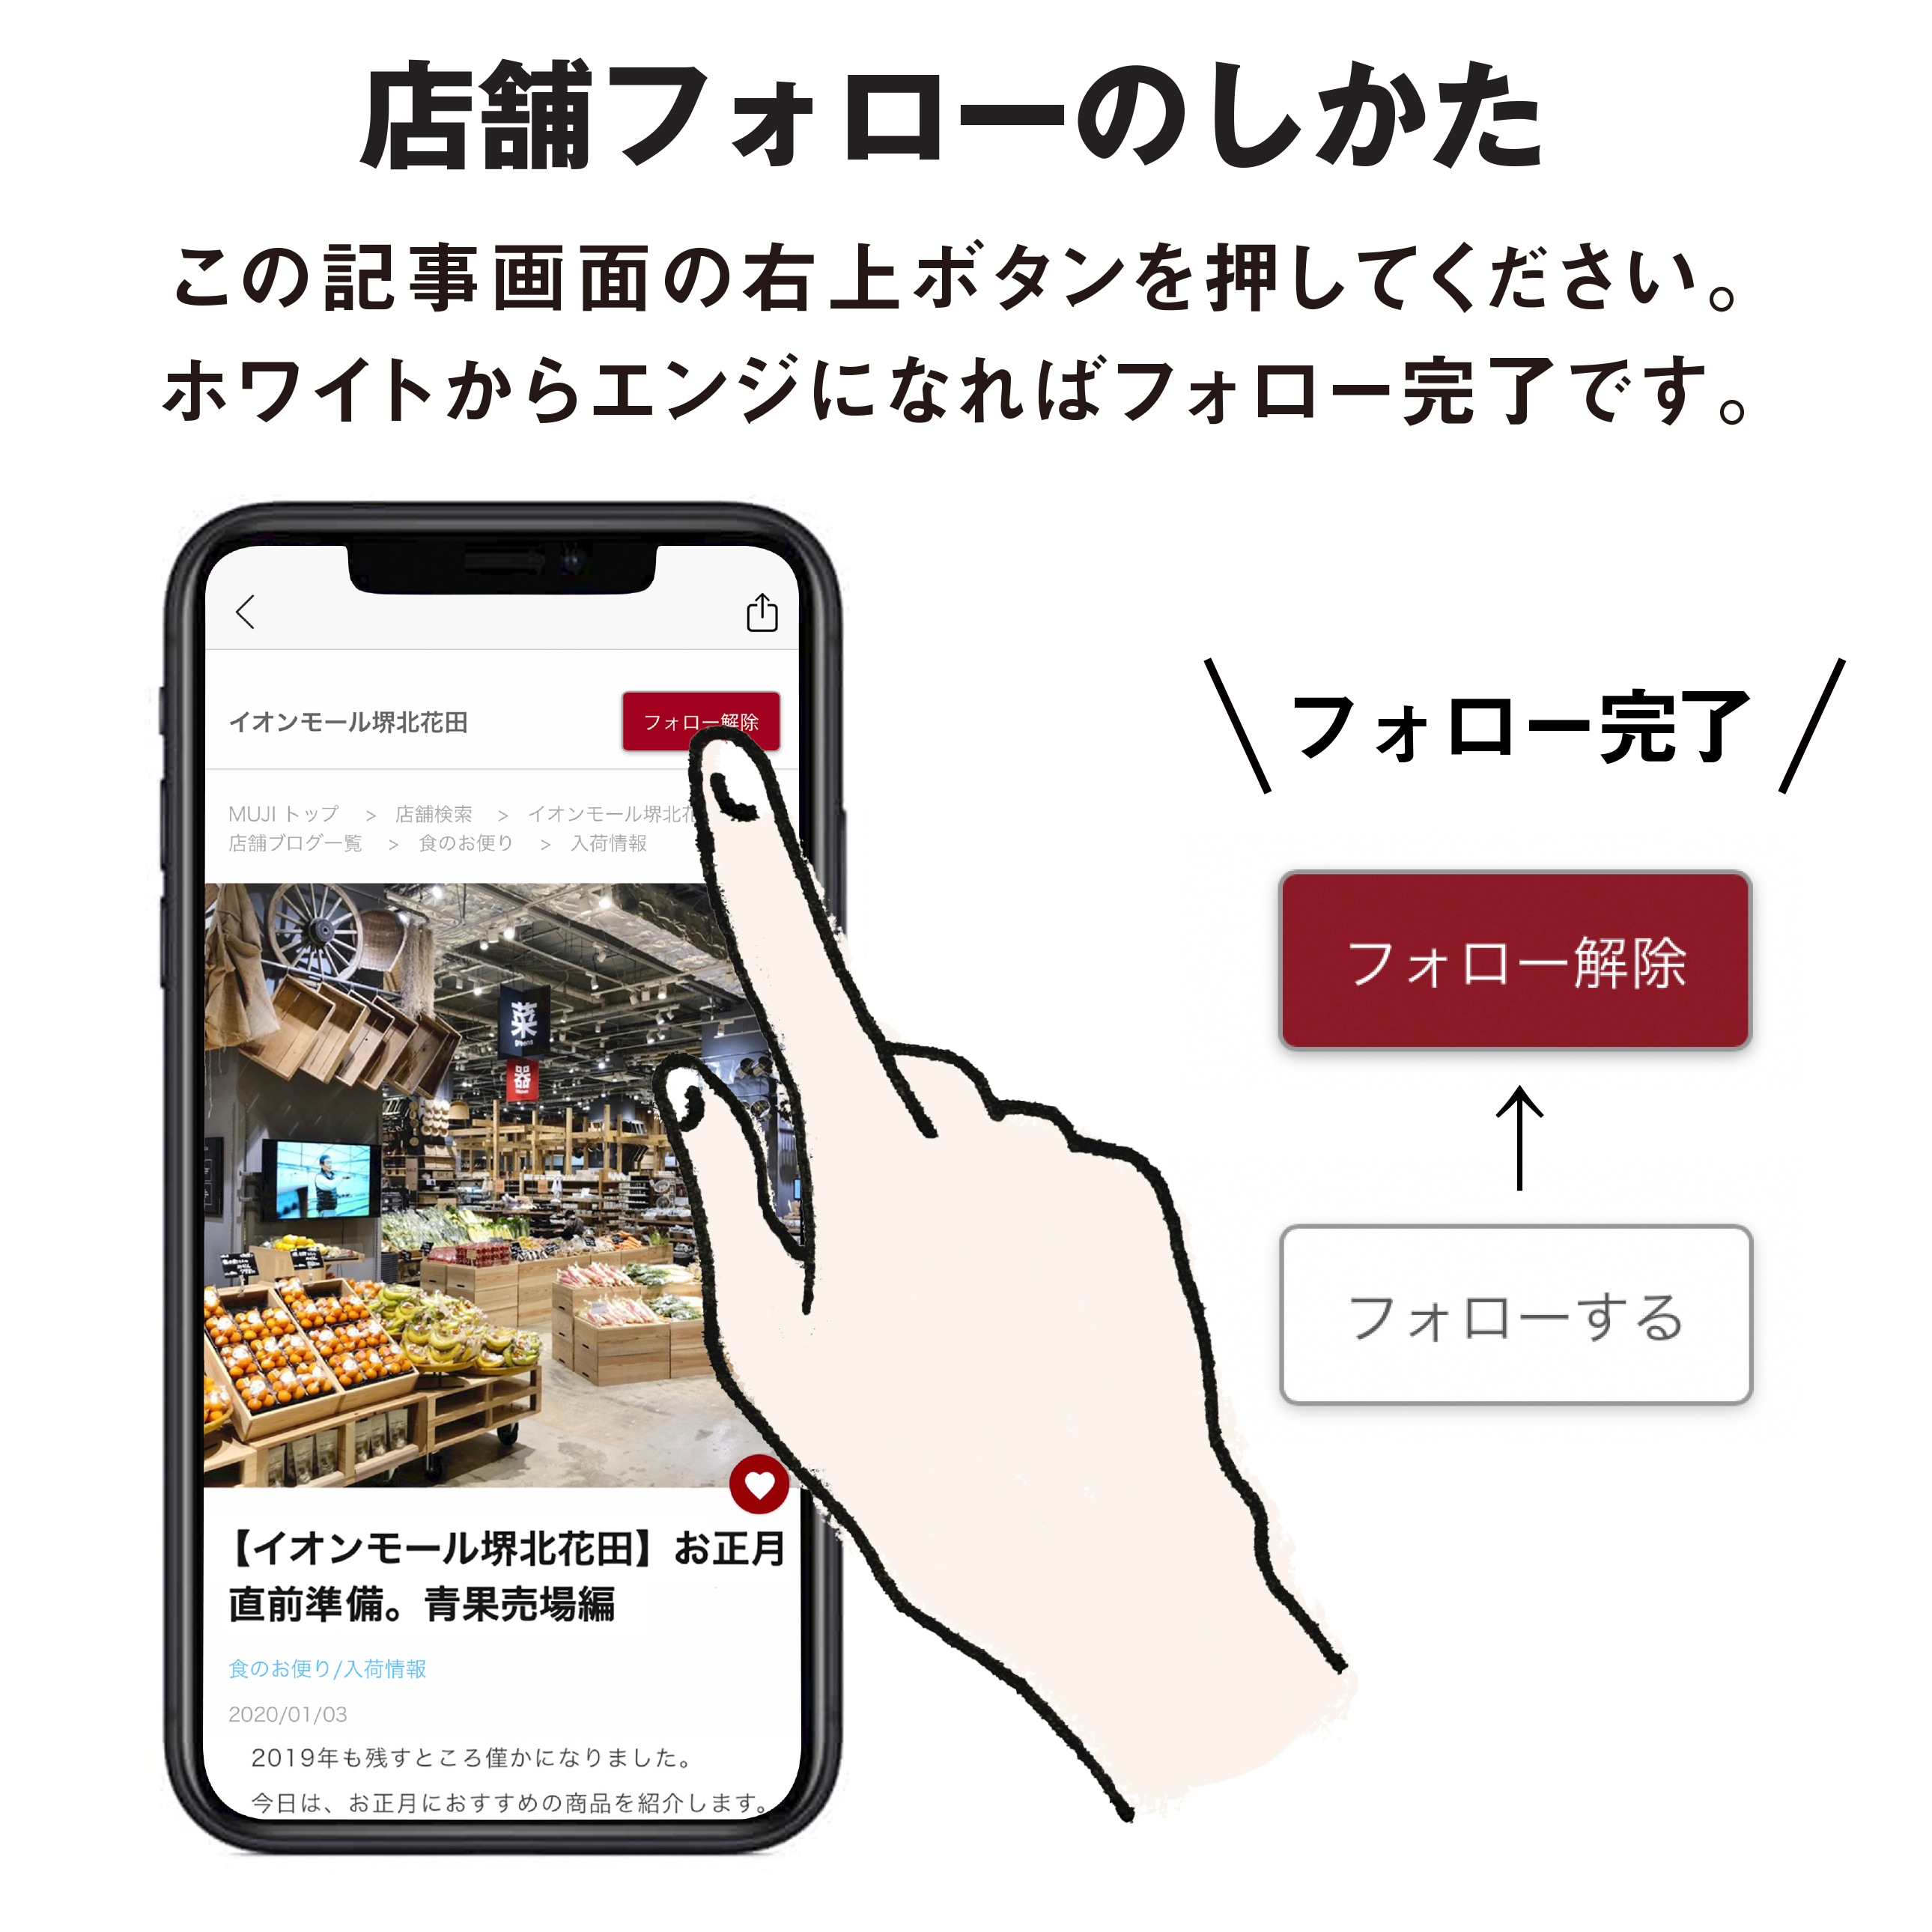 【イオンモール堺北花田】リネンのお手入れ方法 スタイリングアドバイザー